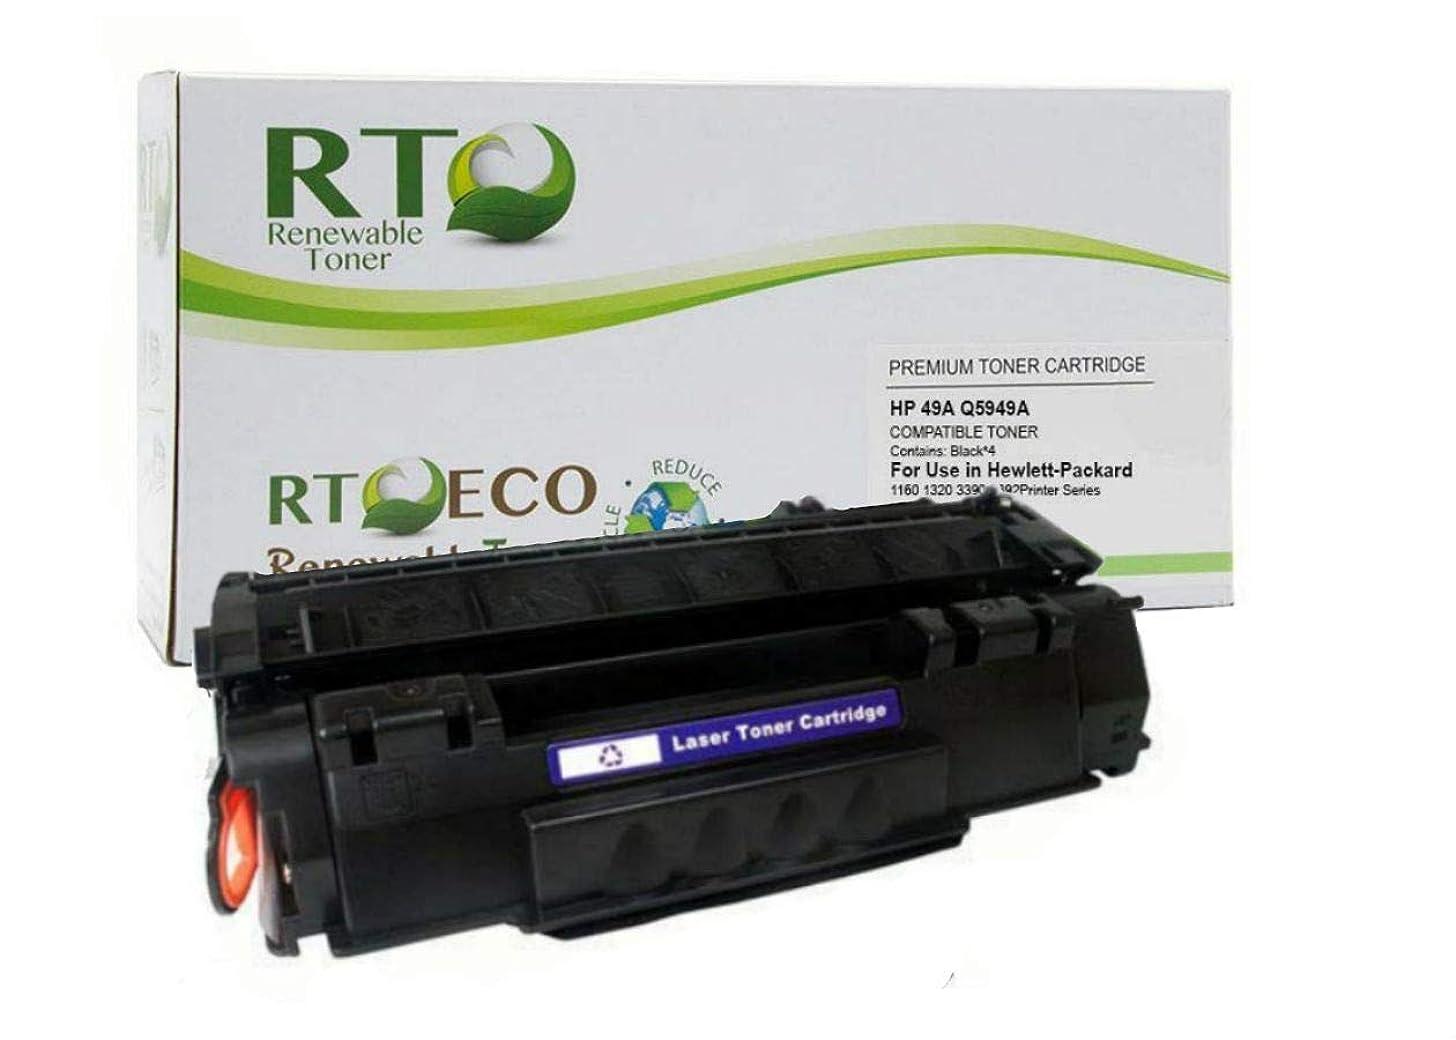 Renewable Toner Compatible Toner Cartridge Replacement for HP 49A Q5949A LaserJet 1160 1320 3390 3392